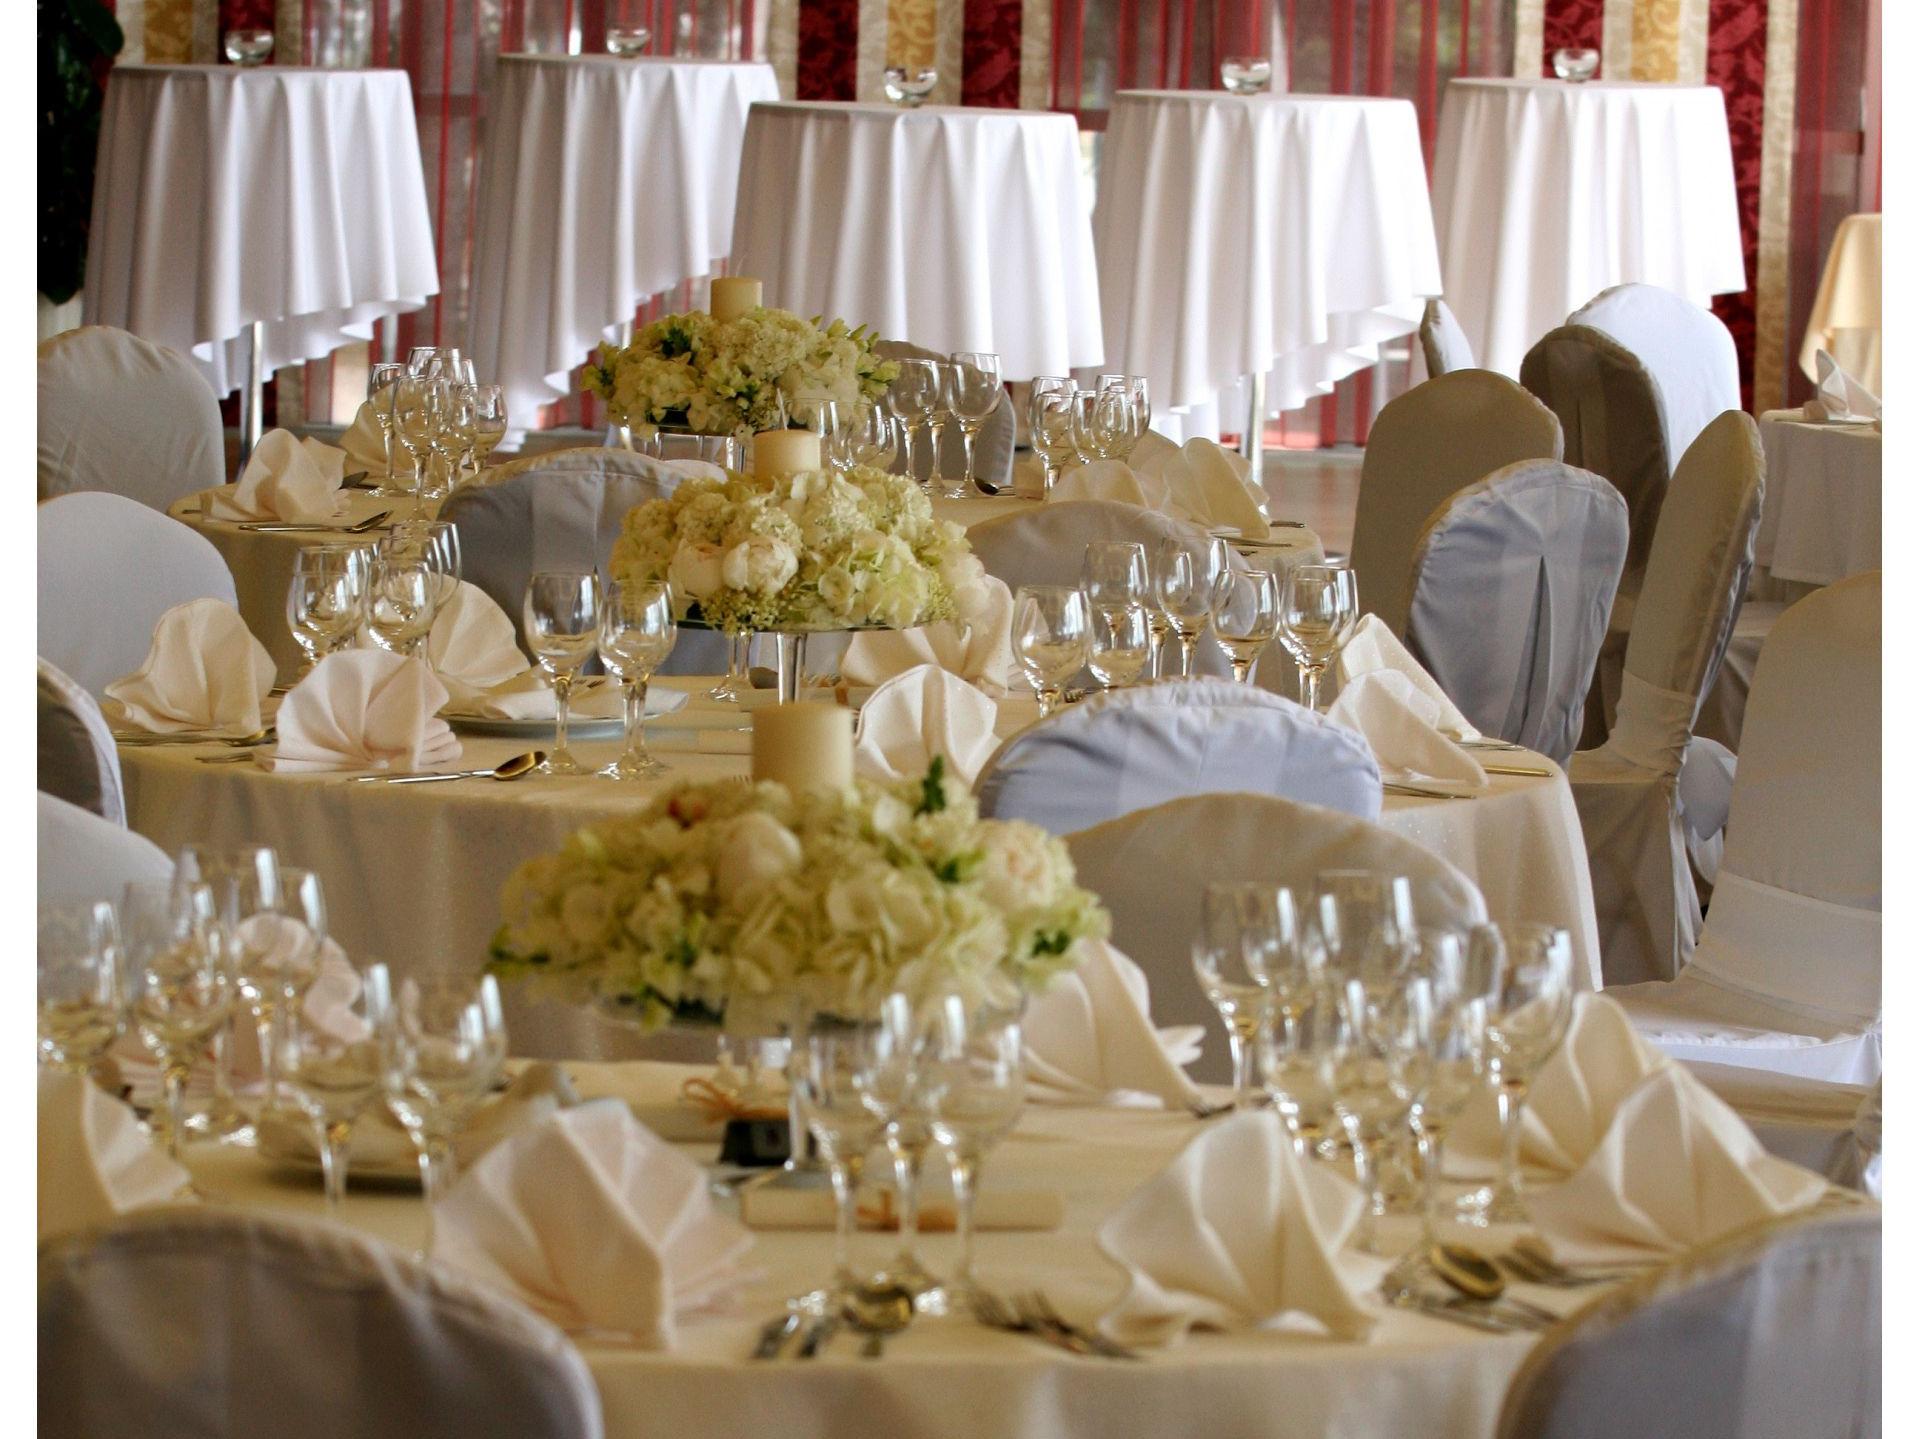 wedding congress center 08 14639664509 o uai - Zora Hotel